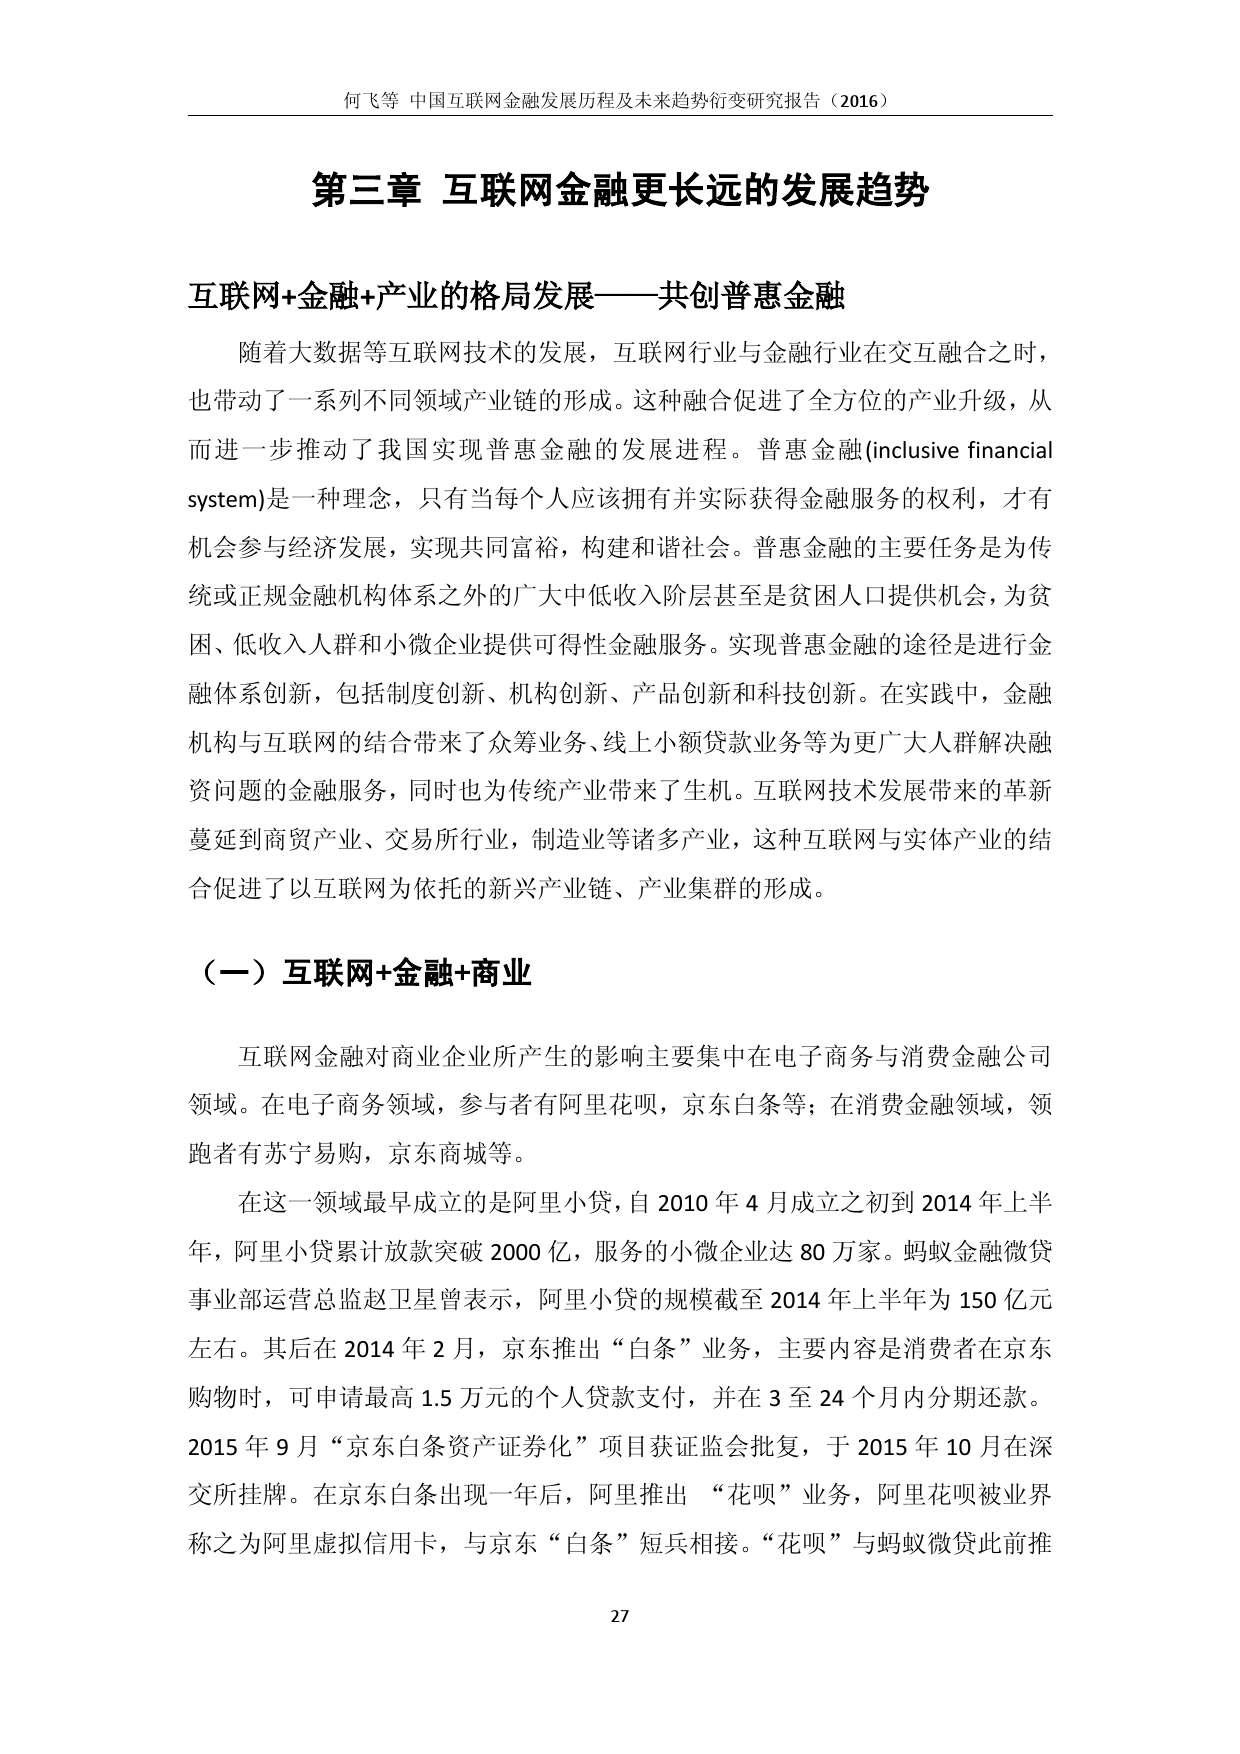 中国互联网金融发展历程及未来趋势衍变研究报告(2016)_000032